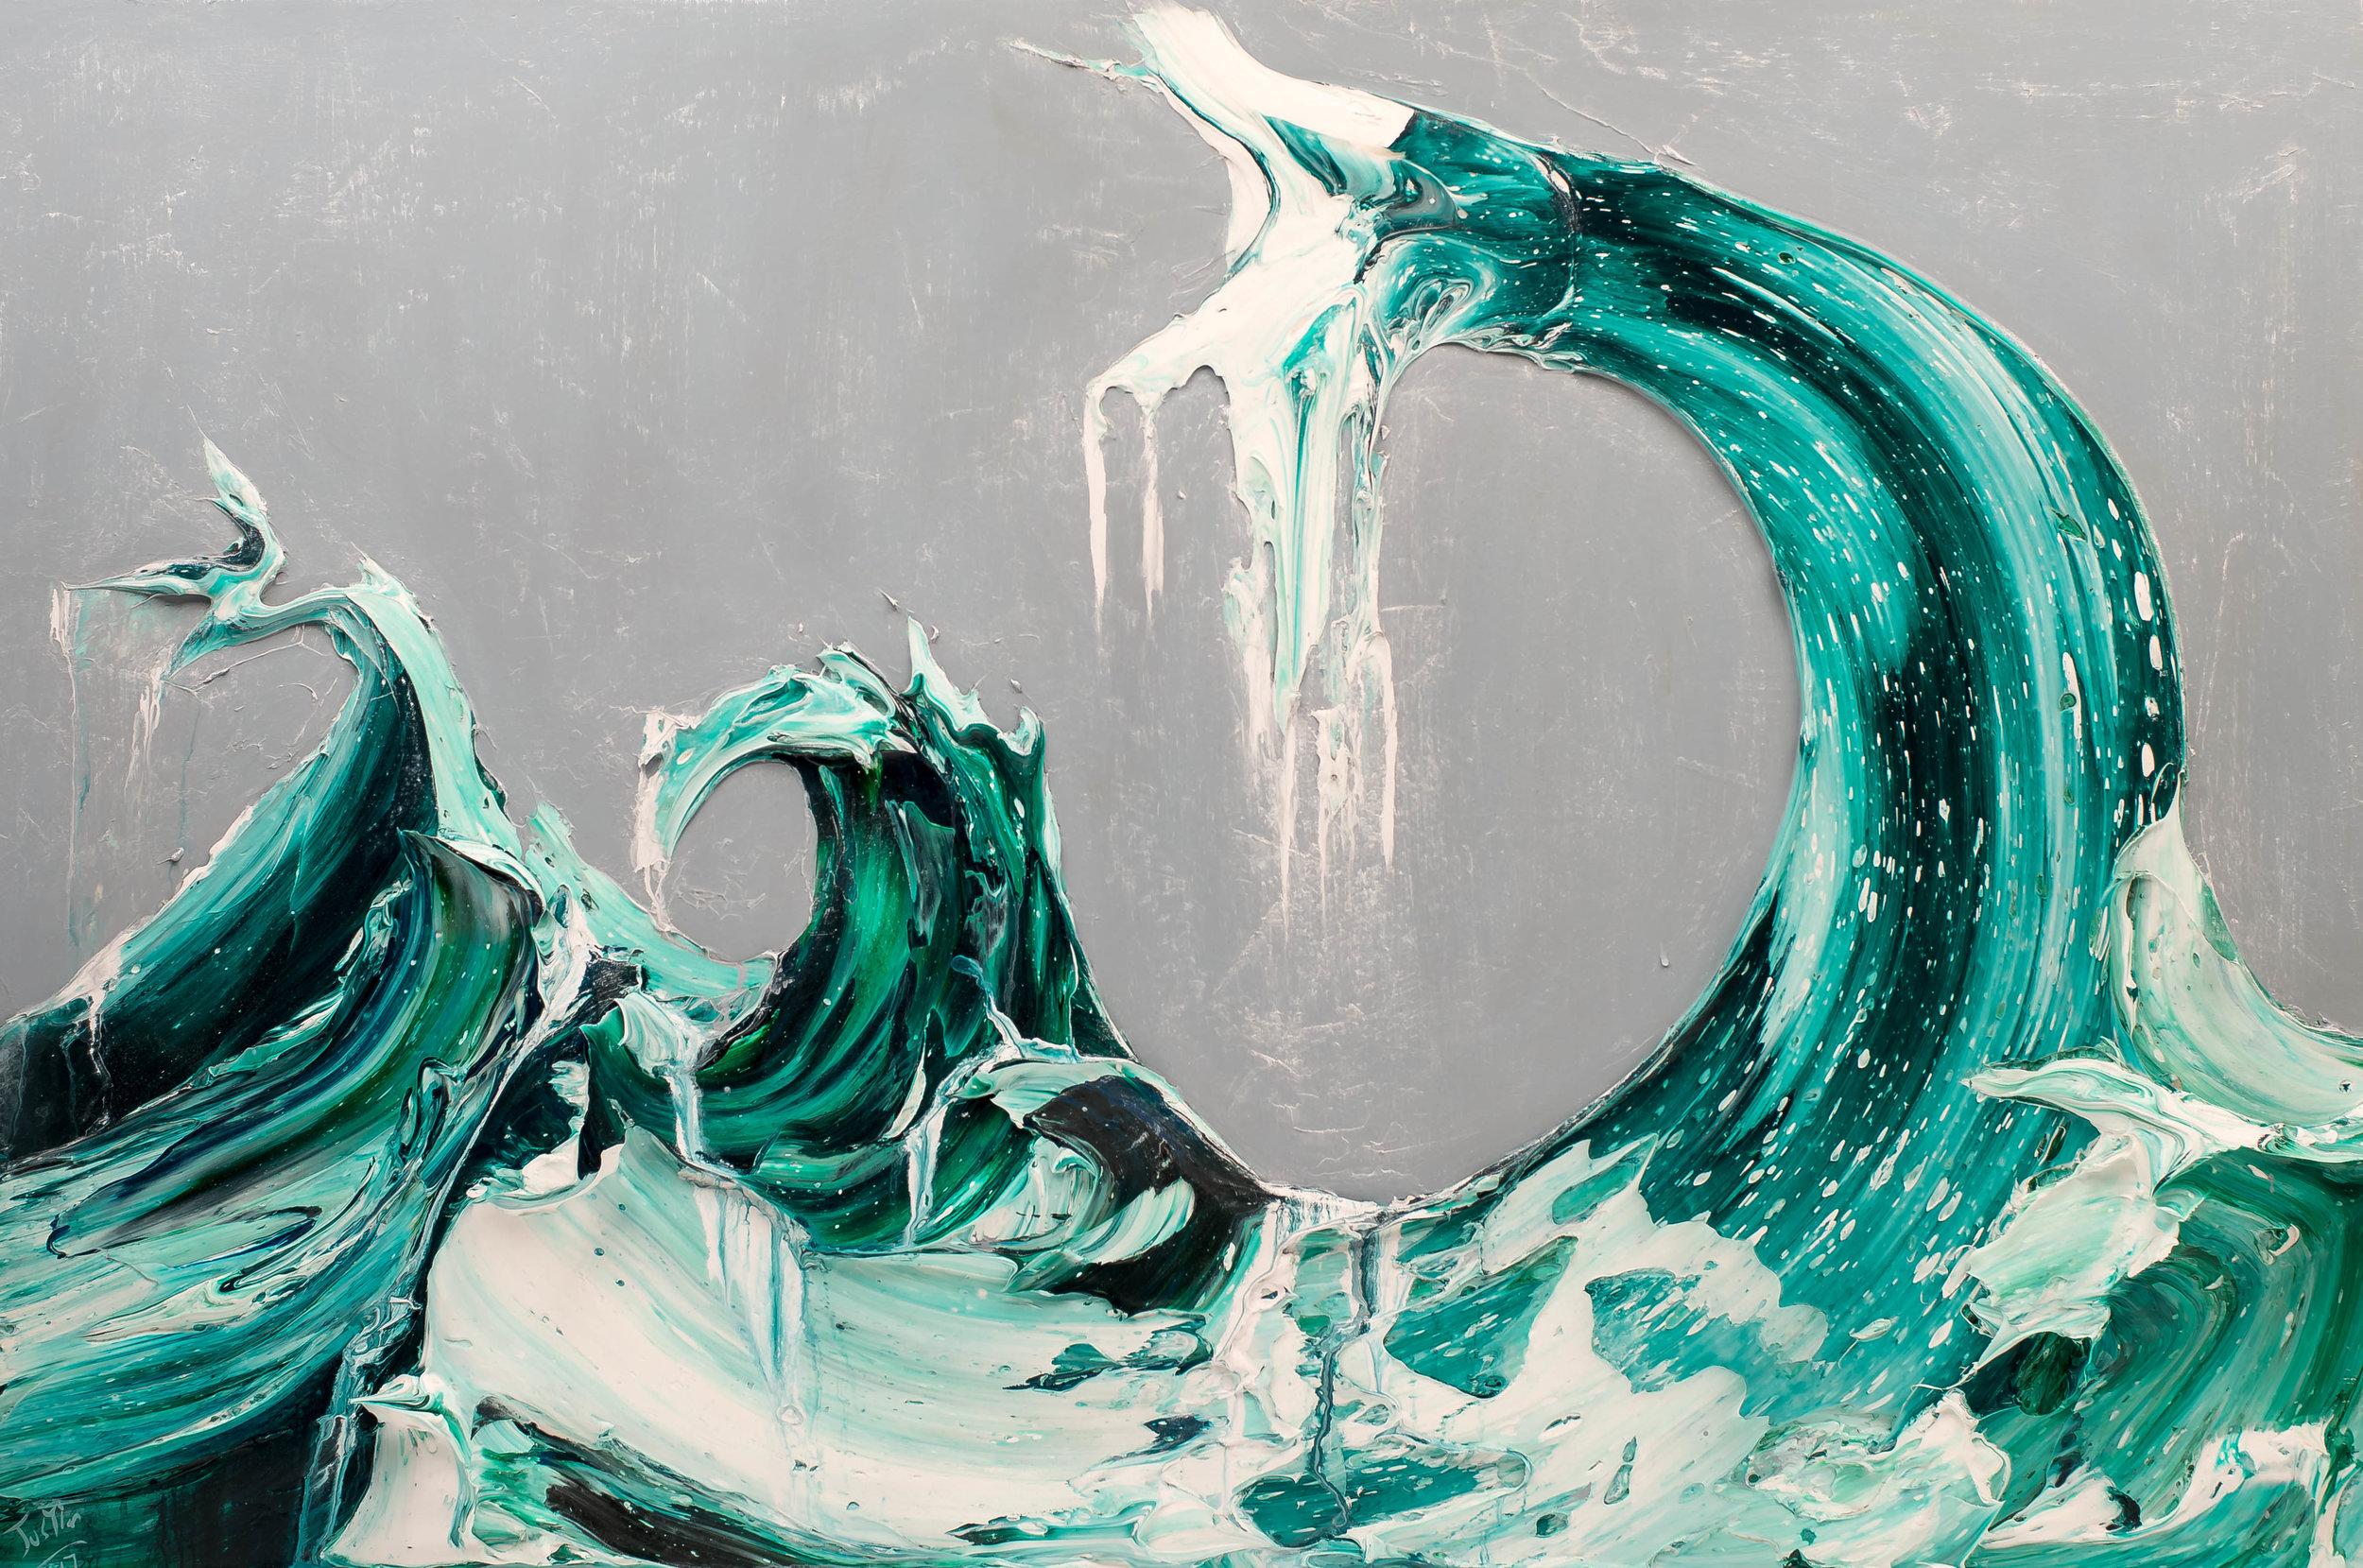 WAVE SERIES 5